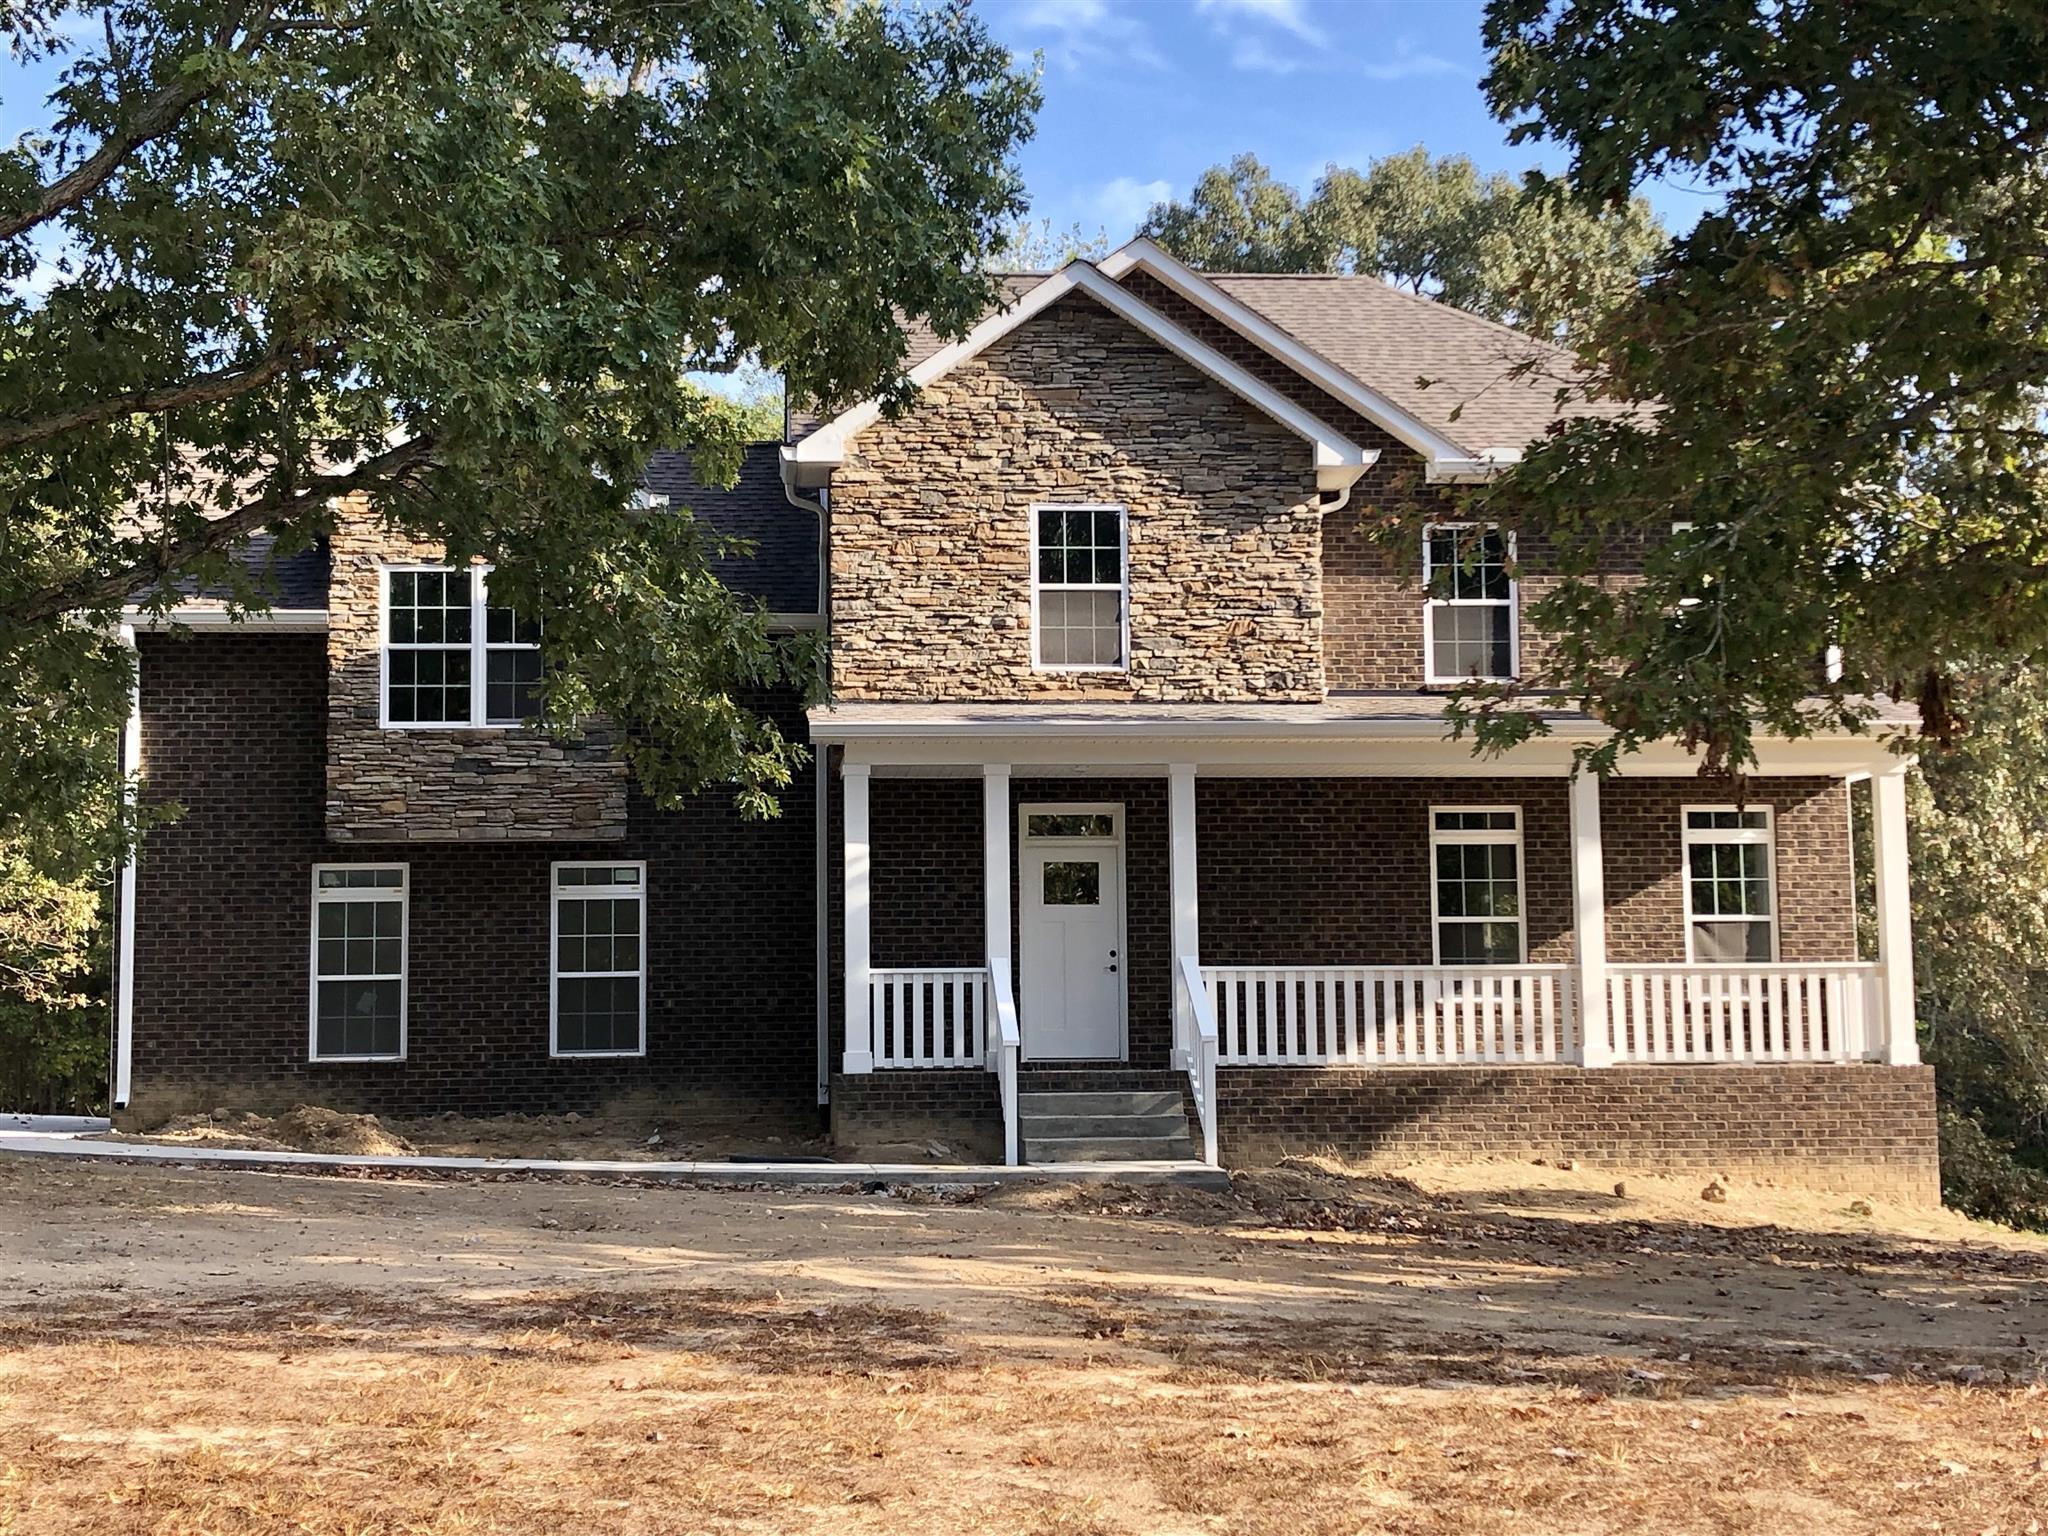 225 Bob White Dr, Lyles, TN 37098 - Lyles, TN real estate listing